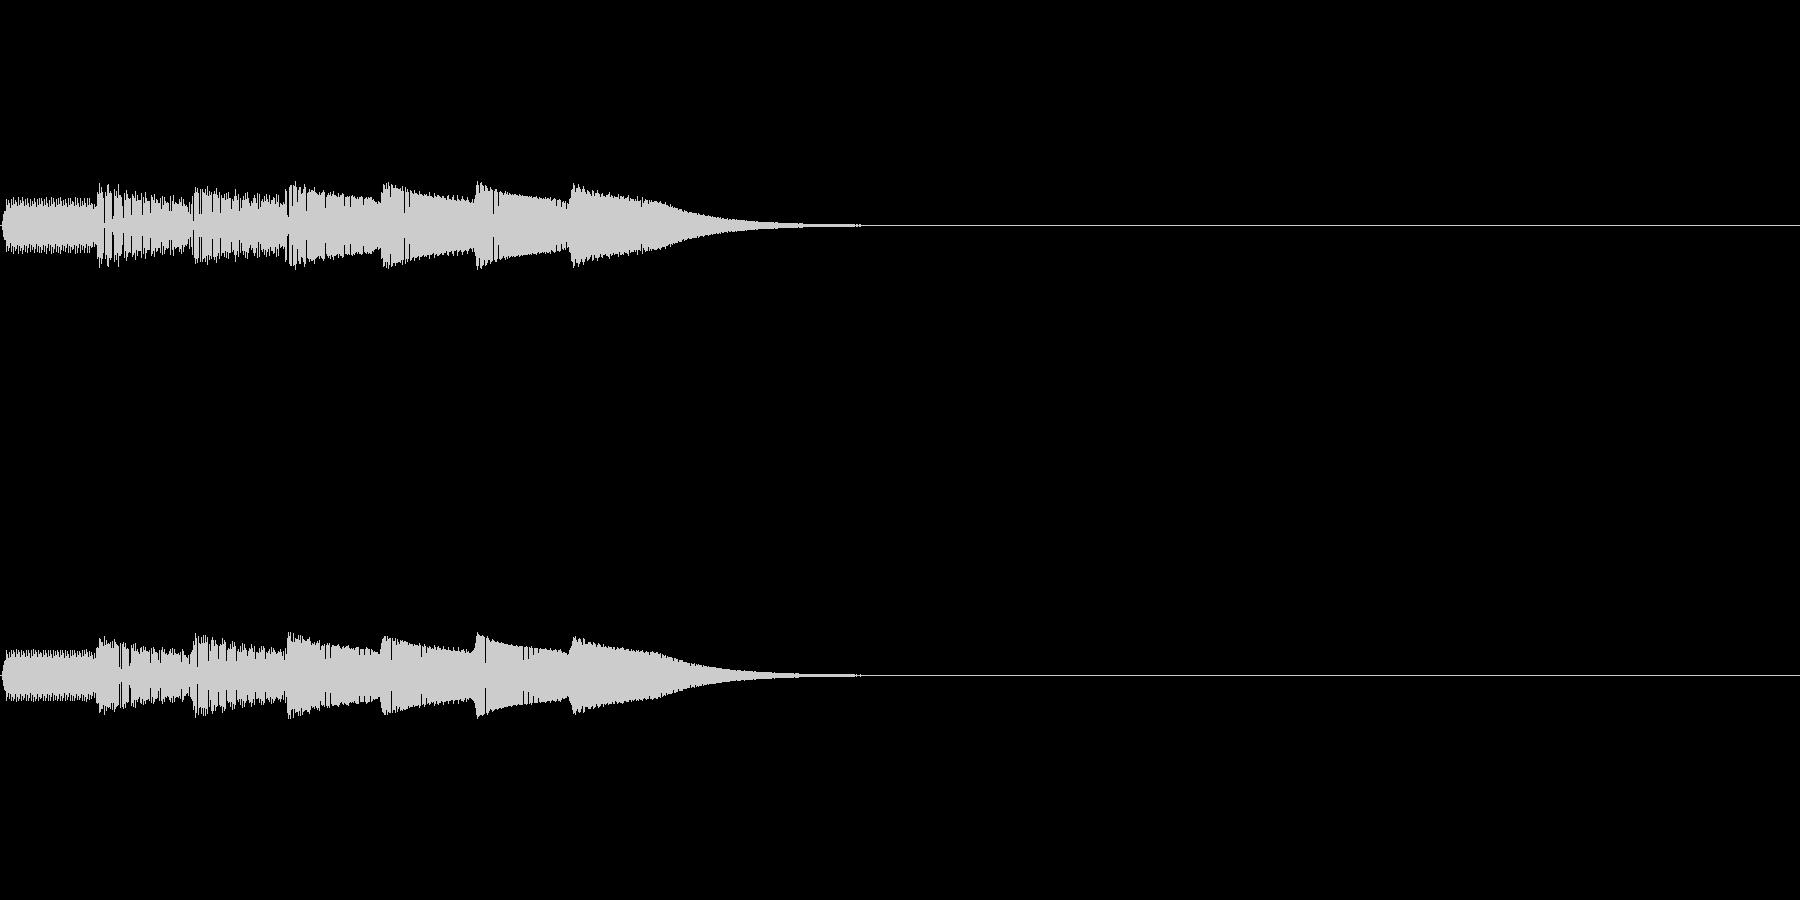 ピコピコロン(ゲーム_ポーズボタン)の未再生の波形